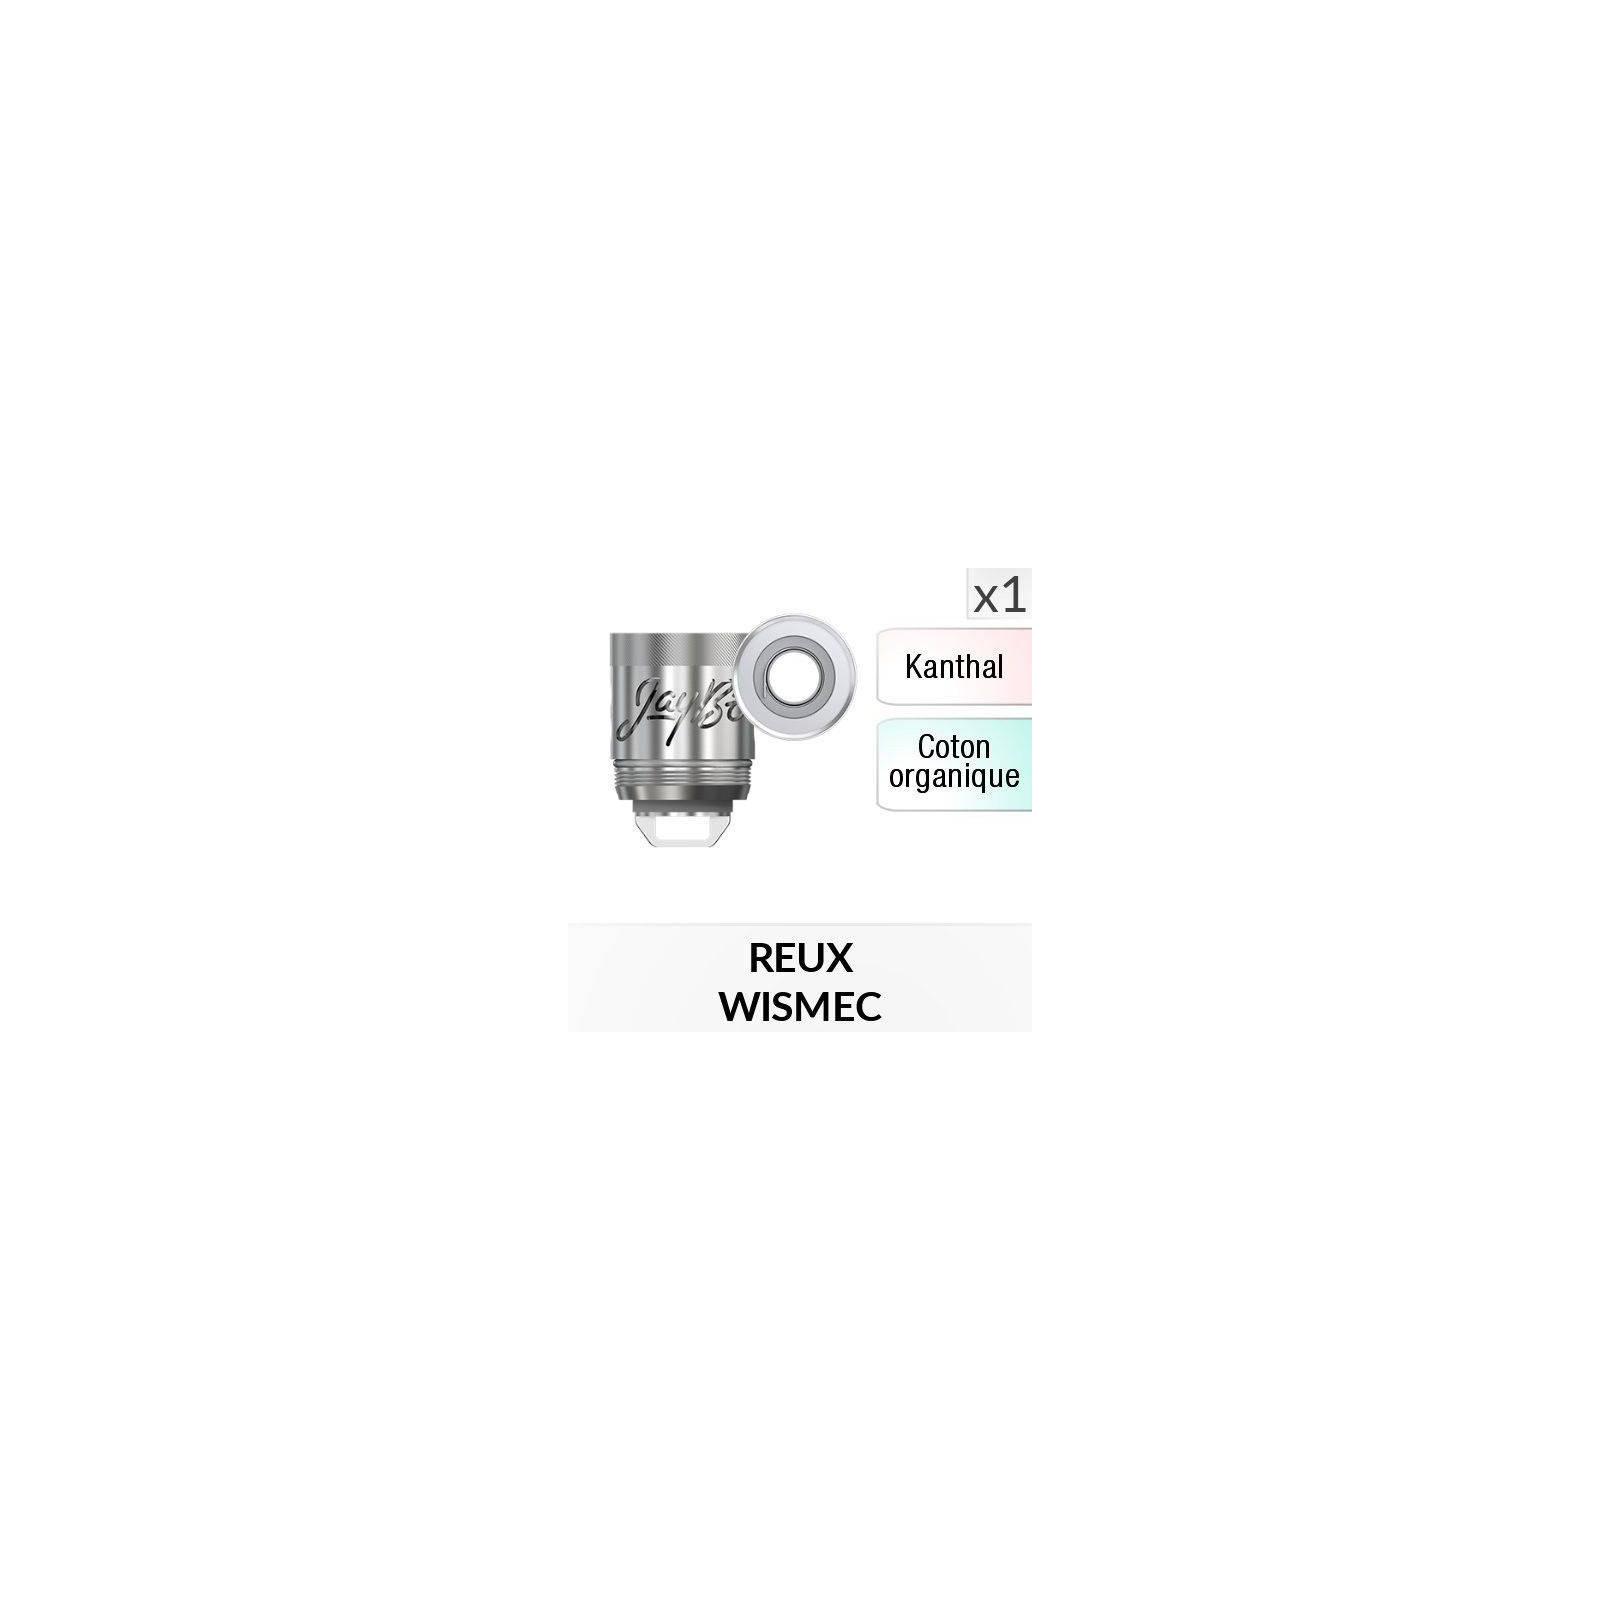 Résistance Reux Mini Triple Coil / 1 Pièce - WISMEC